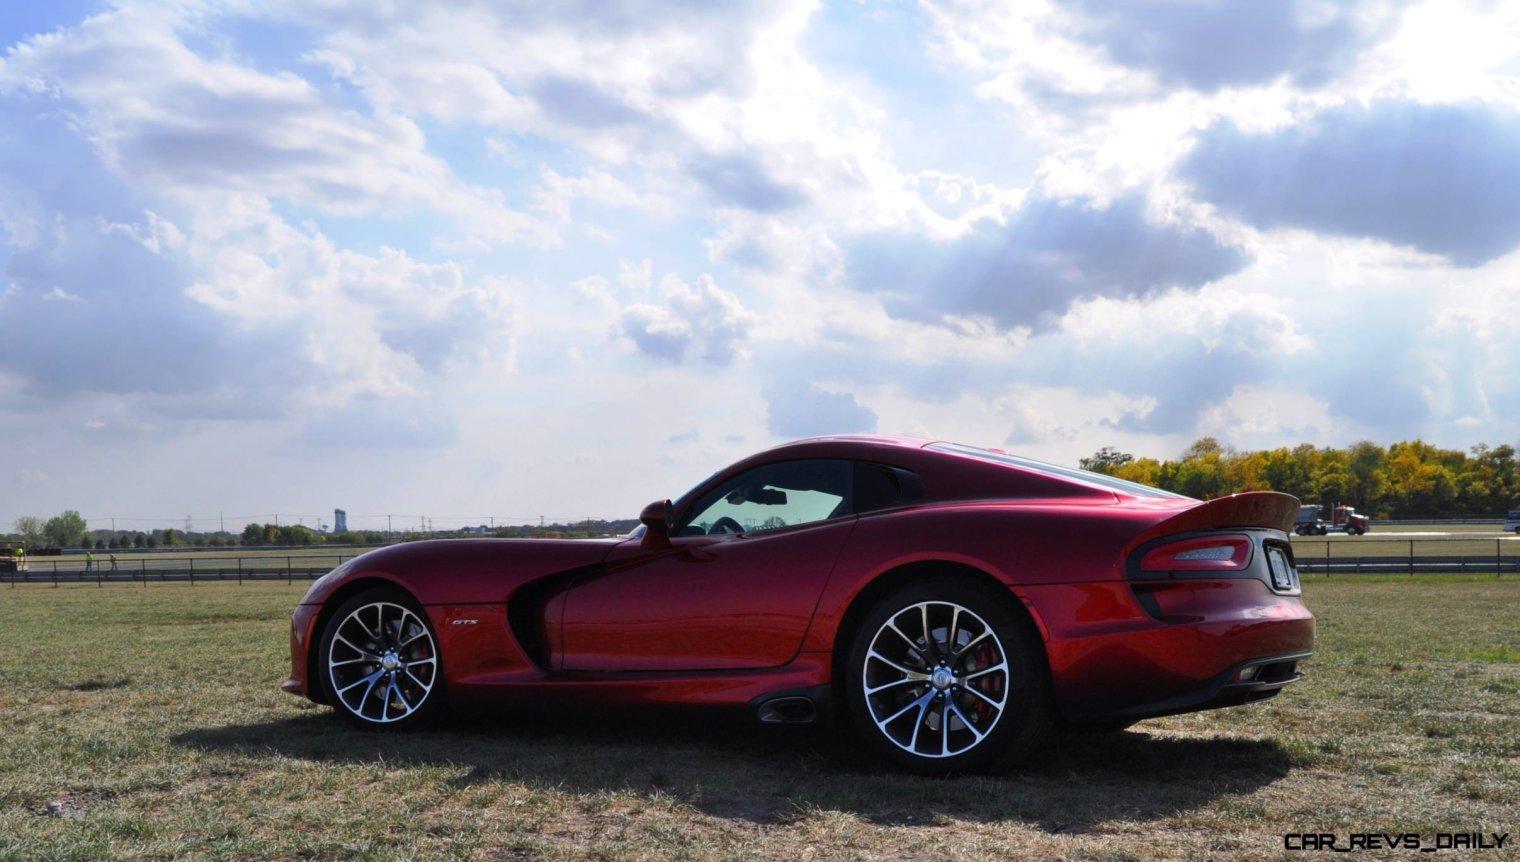 CarRevsDaily.com - 2014 SRT Viper GTS - Huge Wallpapers20